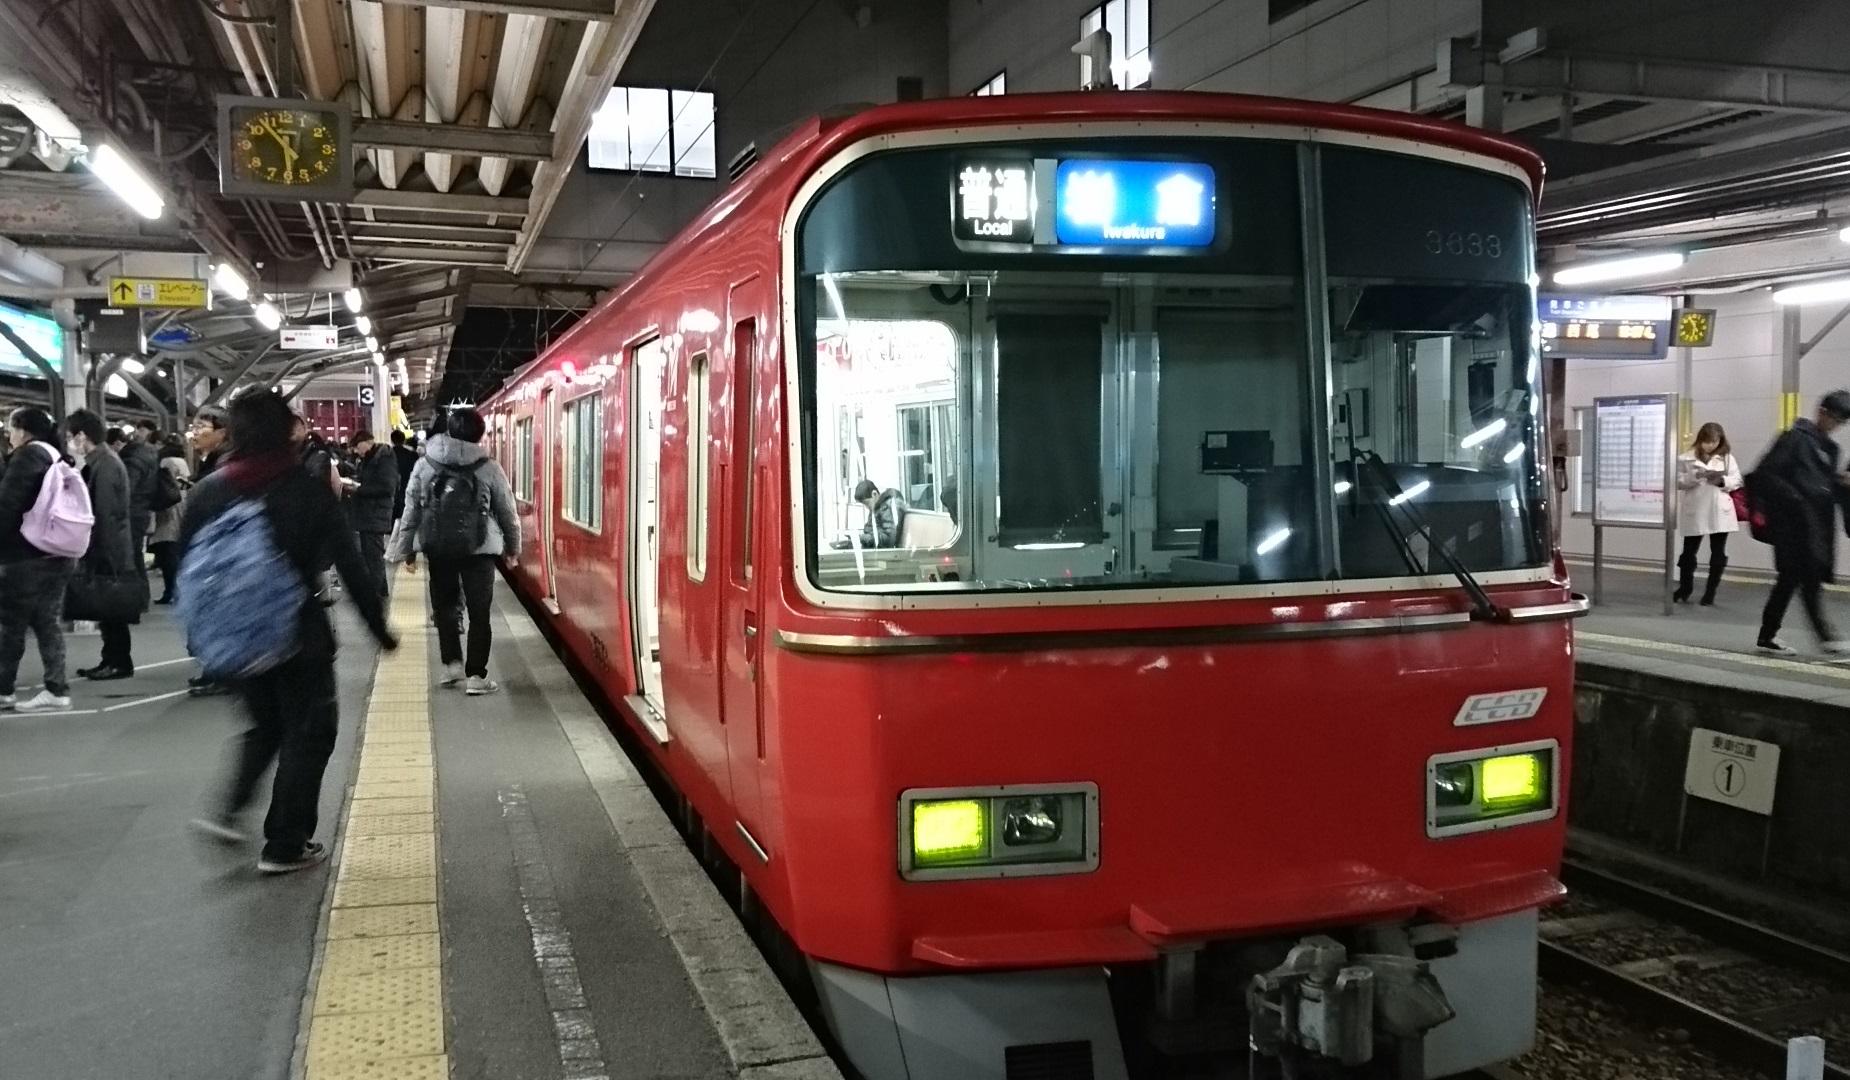 2017.1.6 (9) しんあんじょう - 岩倉いきふつう 1850-1080